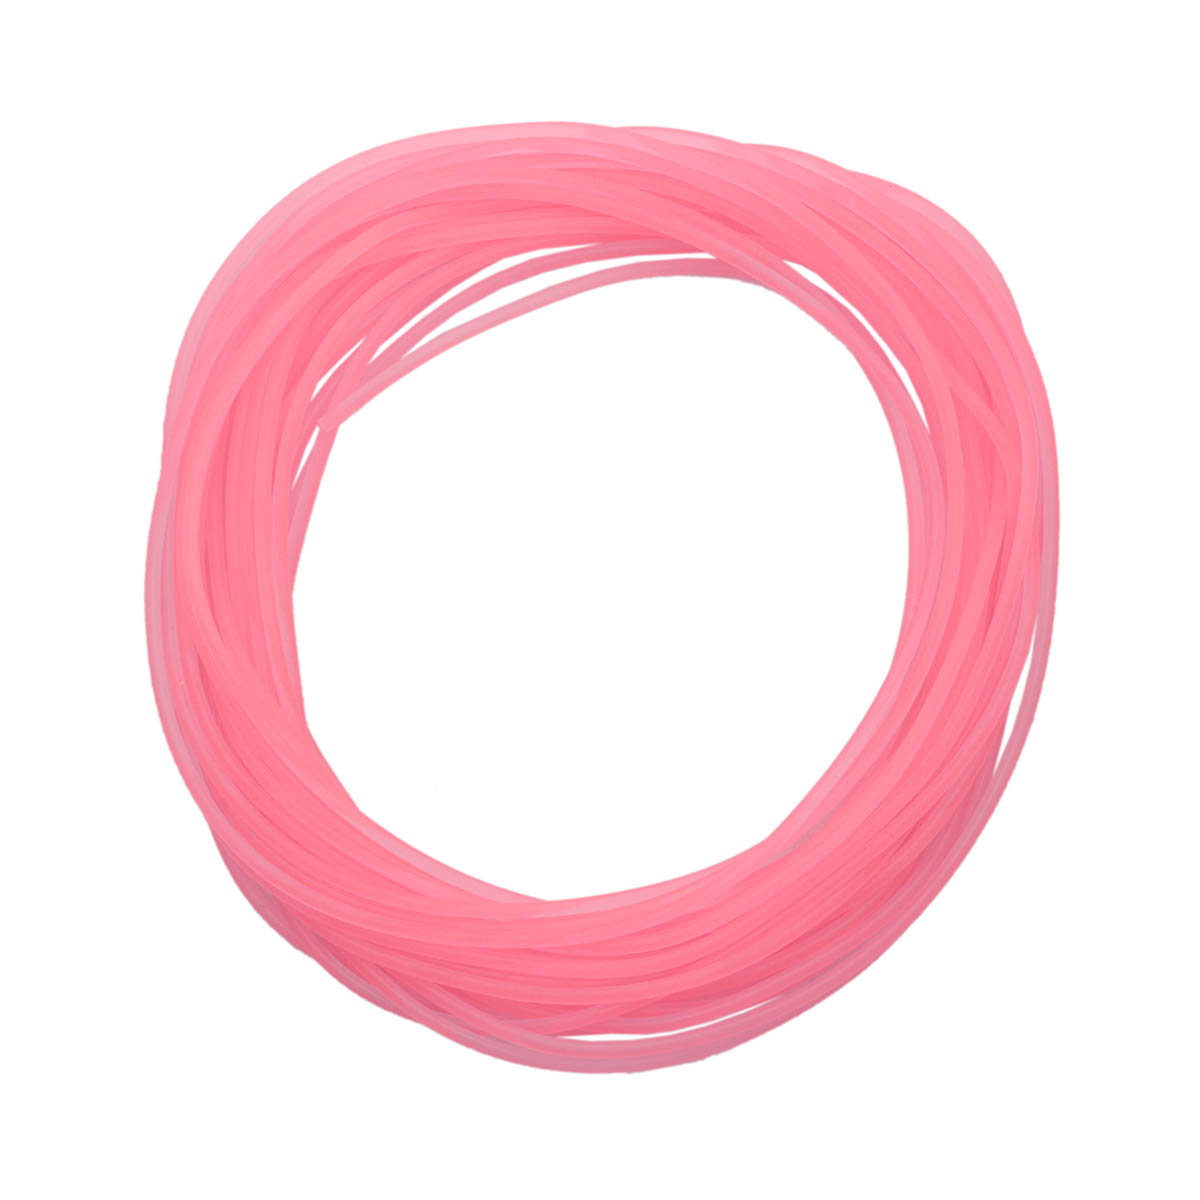 Шнурок для плетения светящийся, 2 мм*7,5 м, 'Астра'